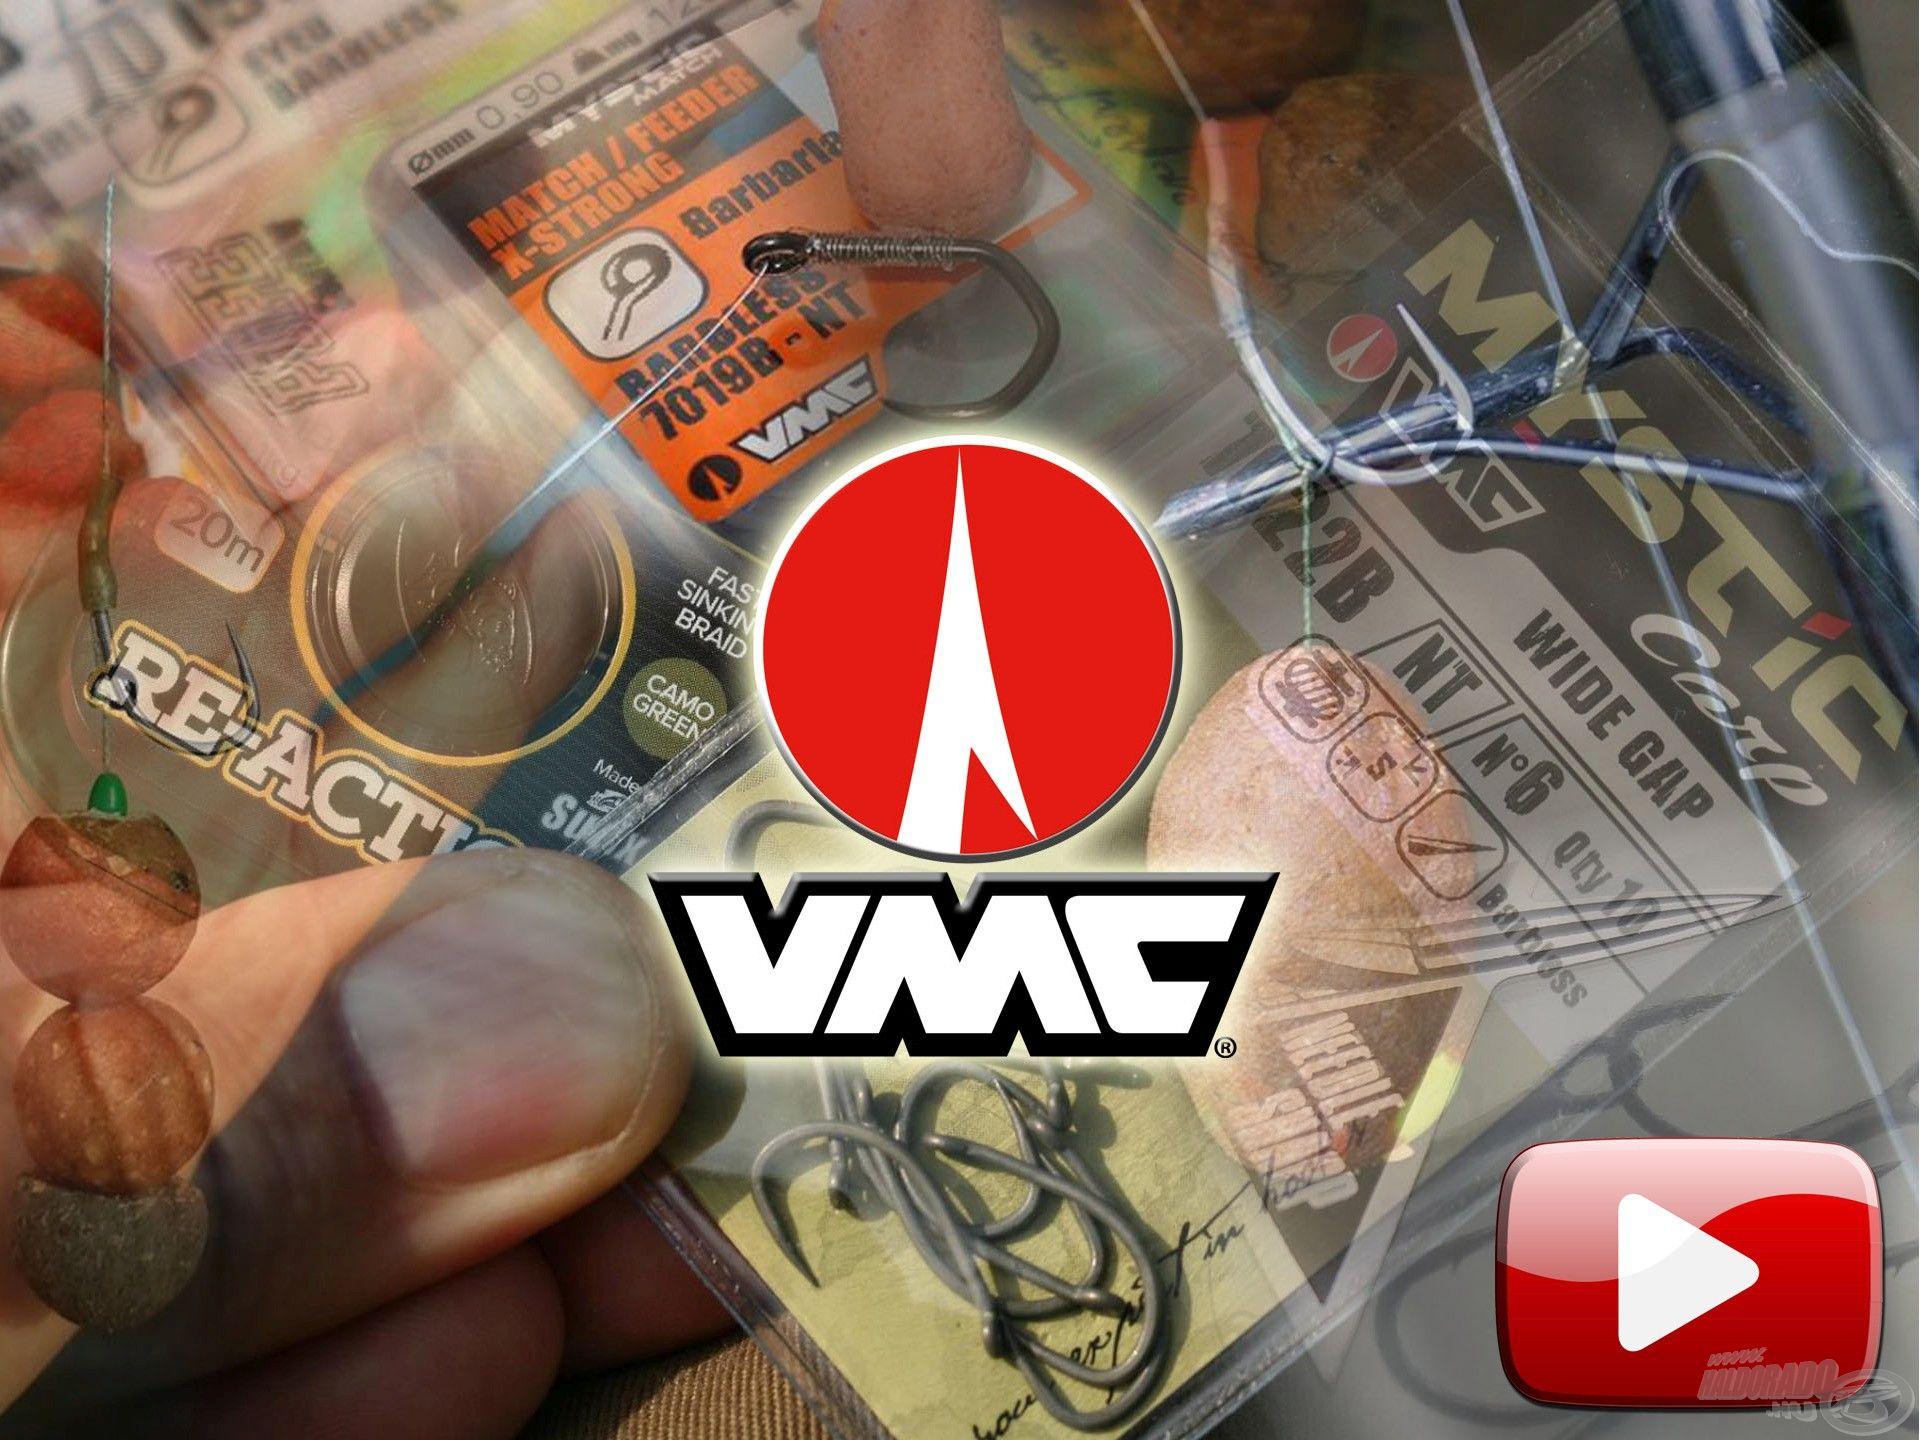 Új VMC termékek és kiegészítők a Haldorádó kínálatában